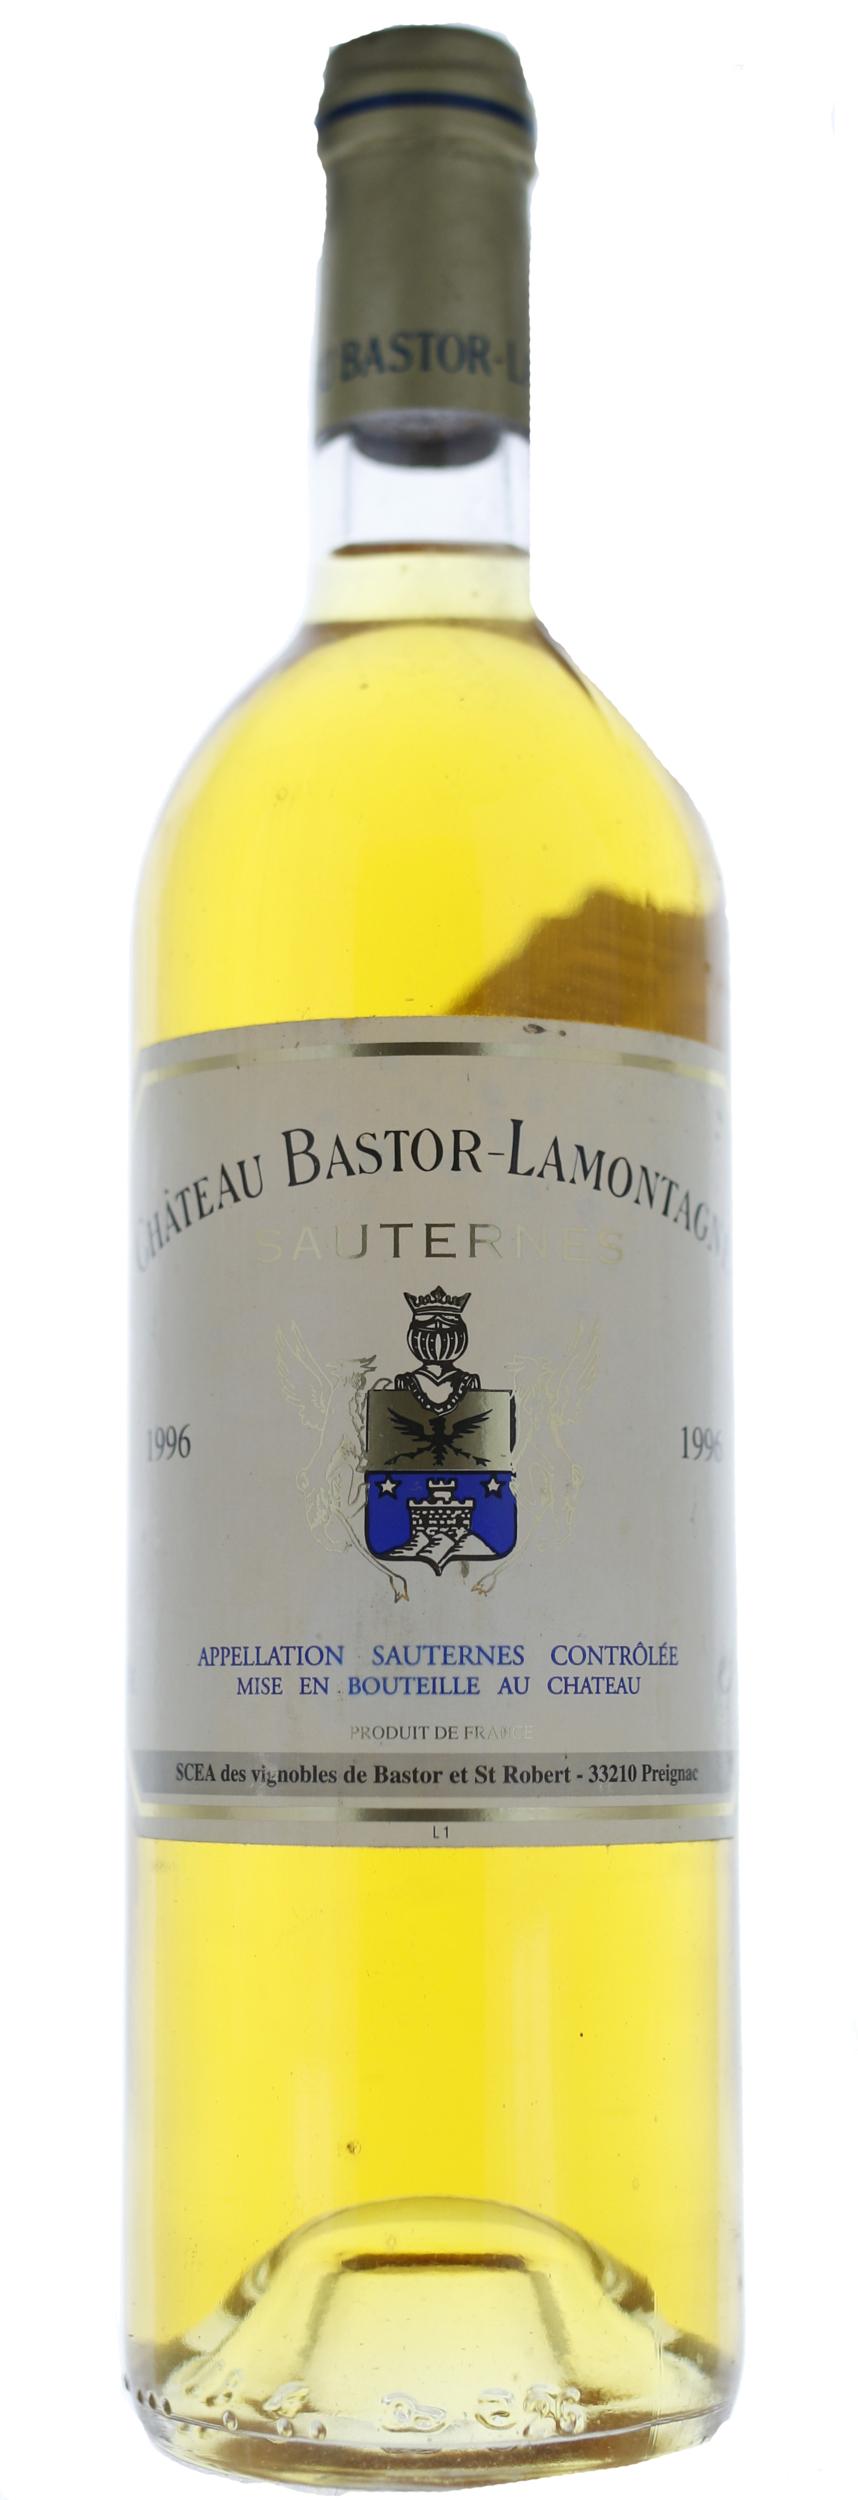 Sauternes - Château Bastor Lamontagne - 1996